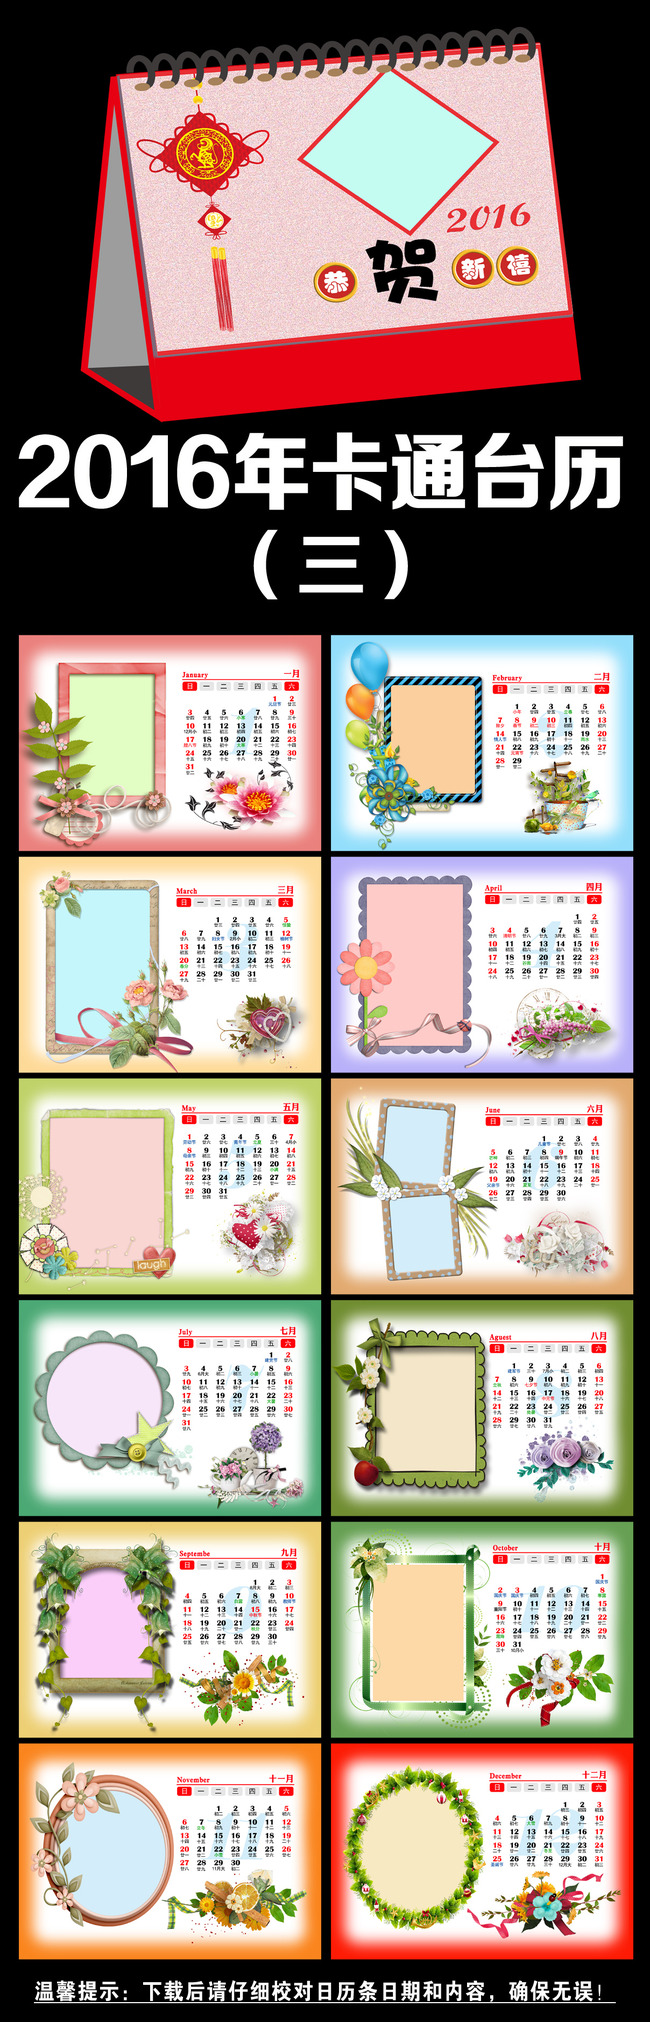 2016年梦幻花朵台历 2016年台历模板图片